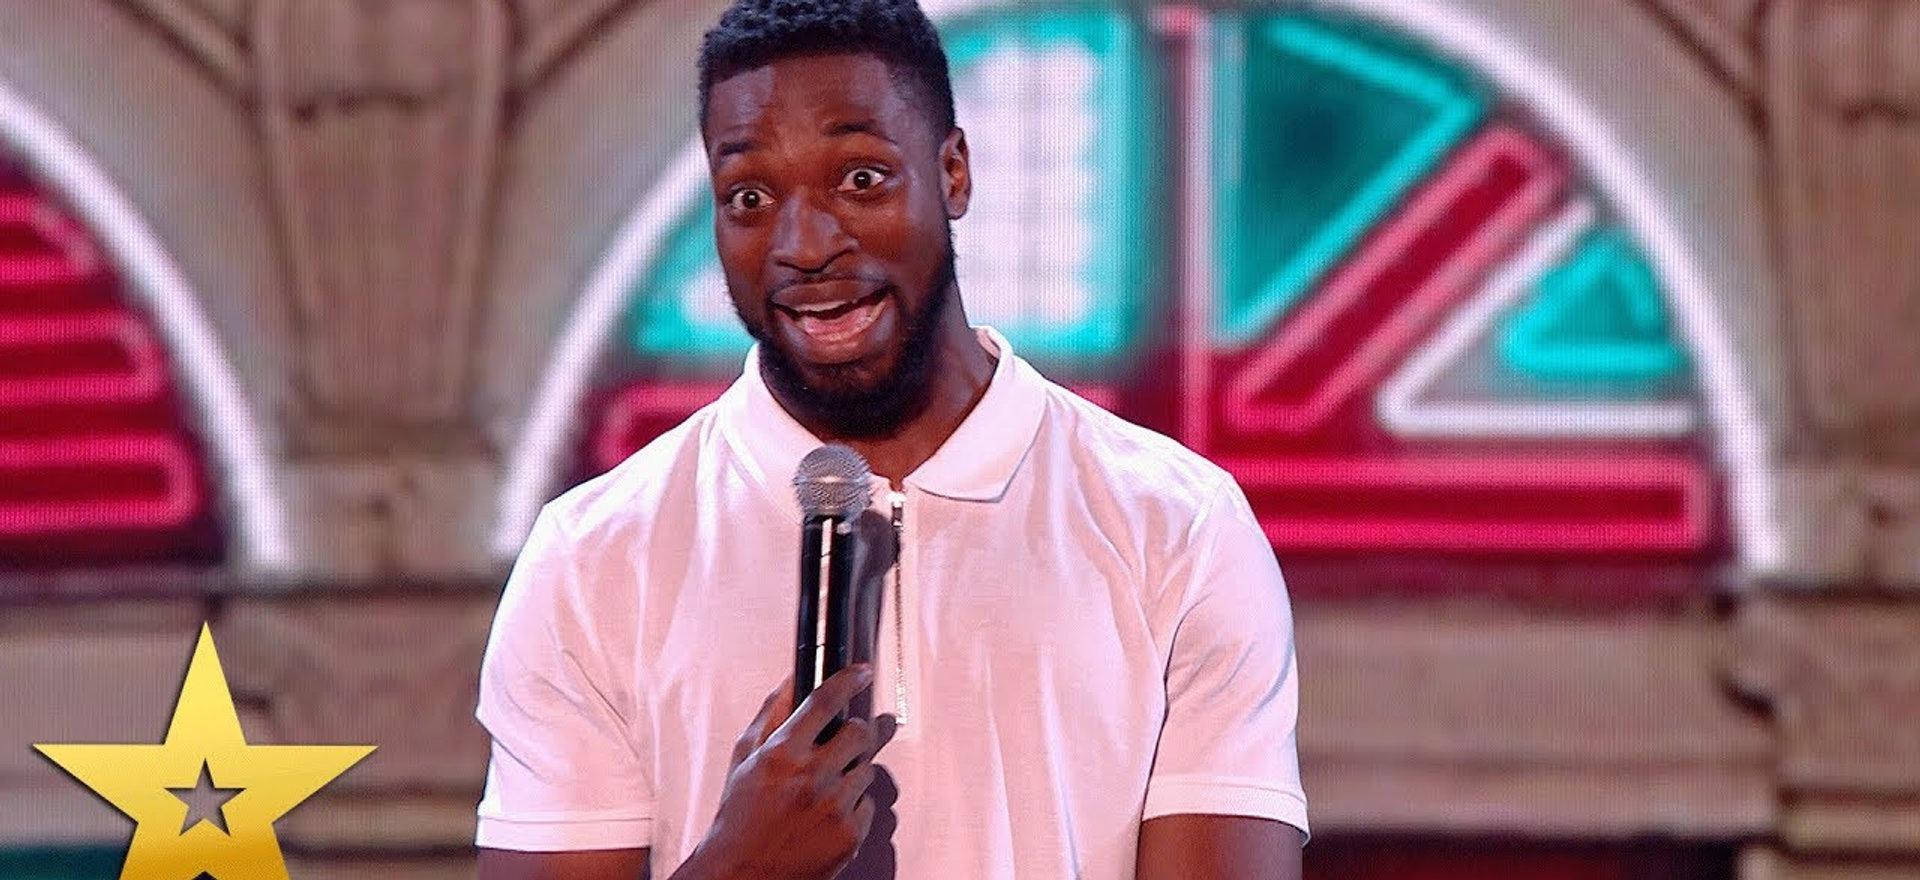 Preacher Lawson - Britain's Got Talent: The Champions